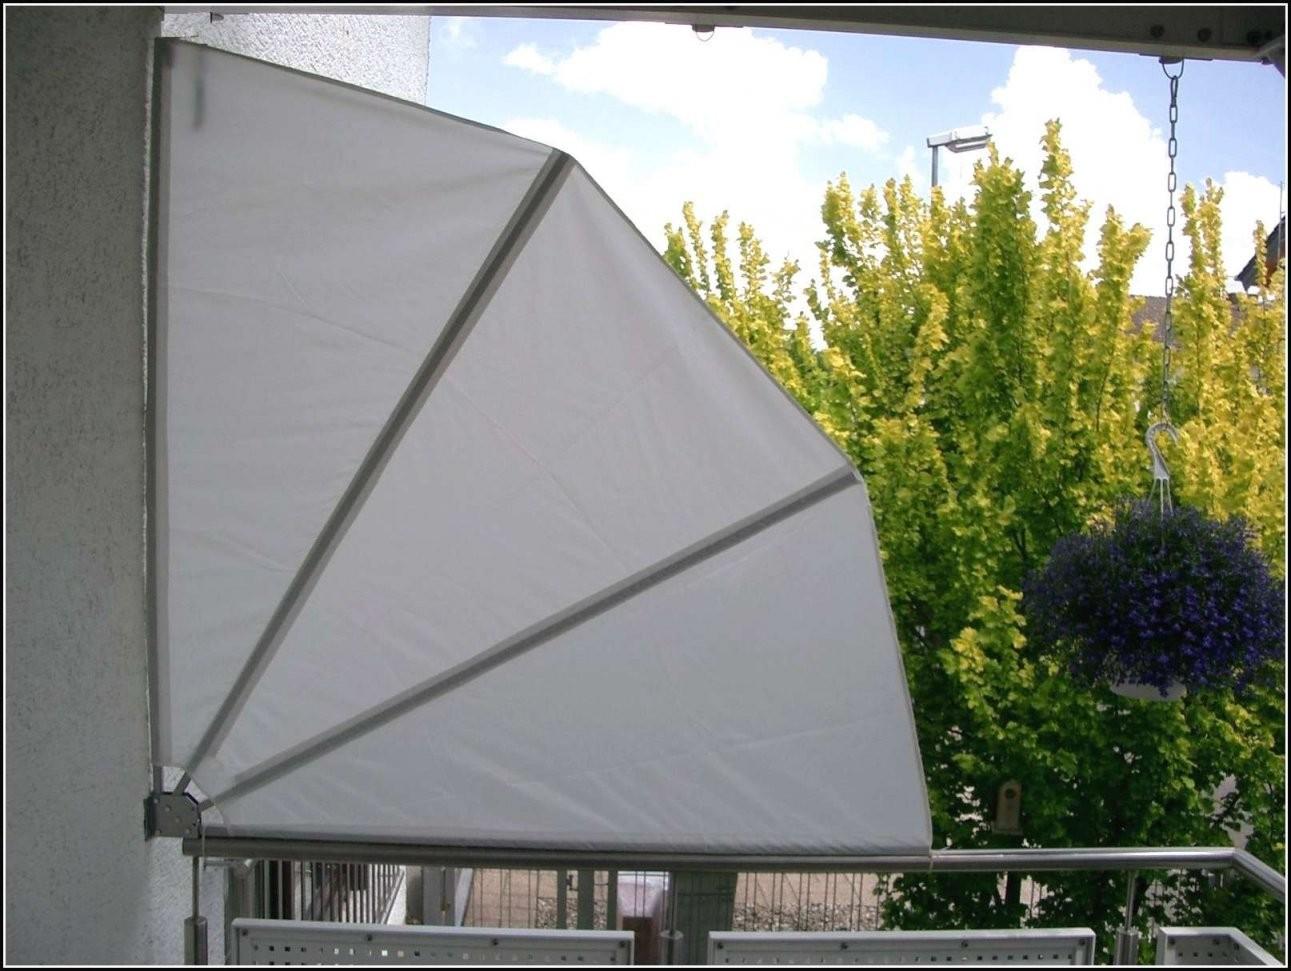 Sonnenschutz Balkon Ohne Bohren Genial 16 Sichtschutz Balkon Konzept von Sonnensegel Balkon Ohne Bohren Photo